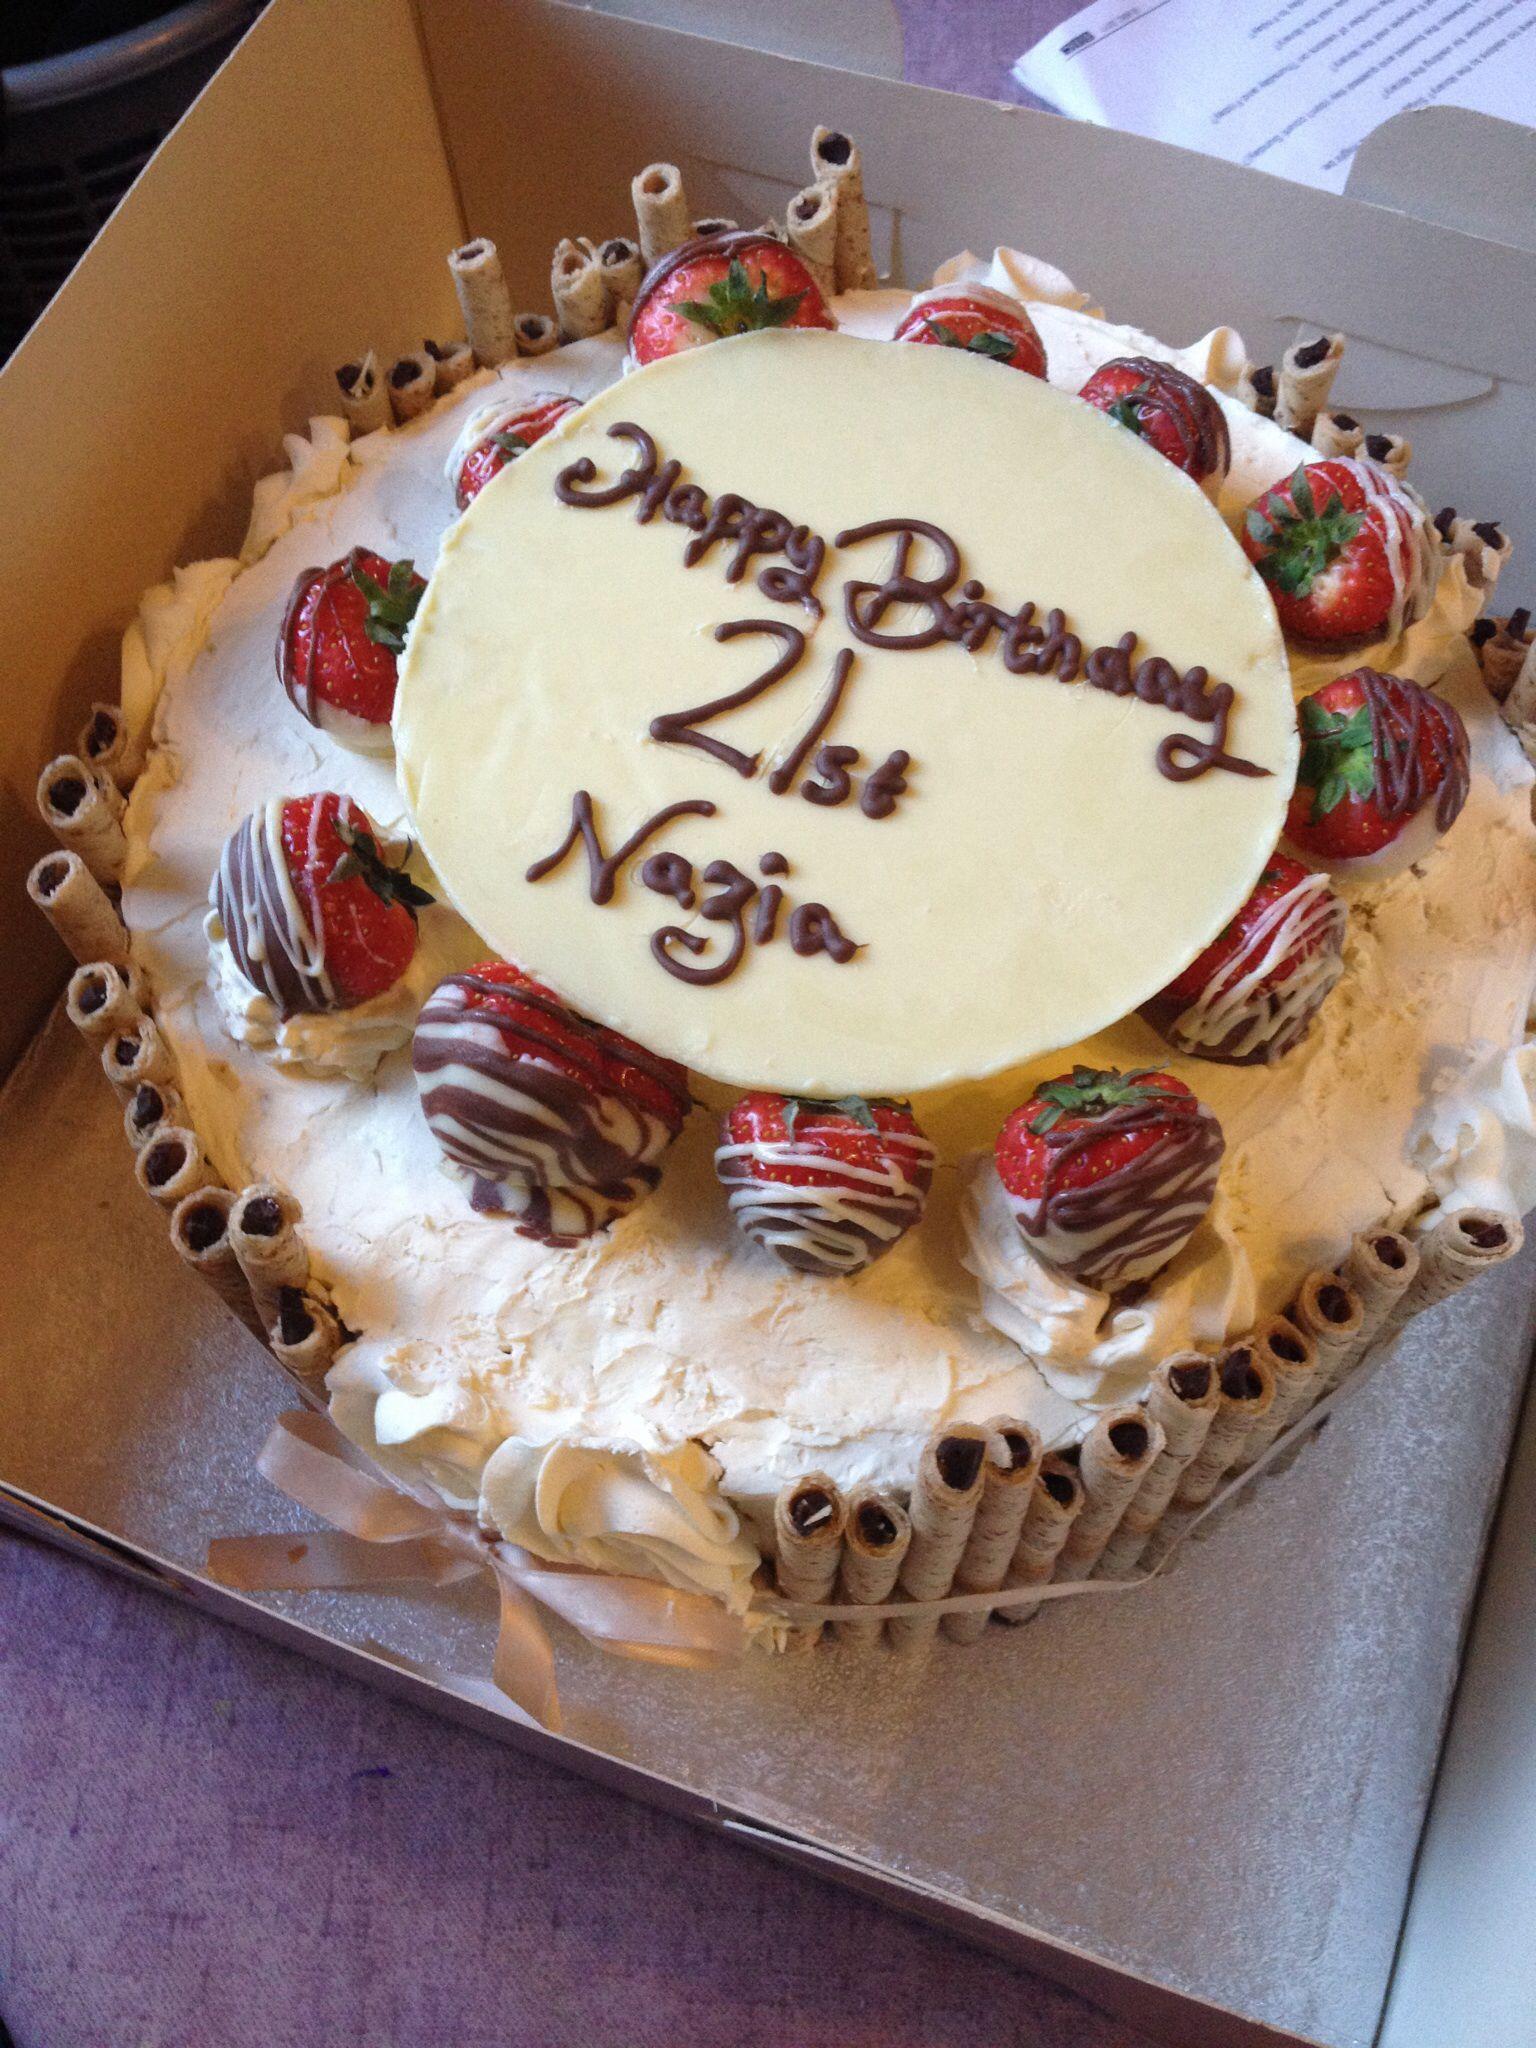 Strawberry Chocolate Fresh Cream Birthday Cake